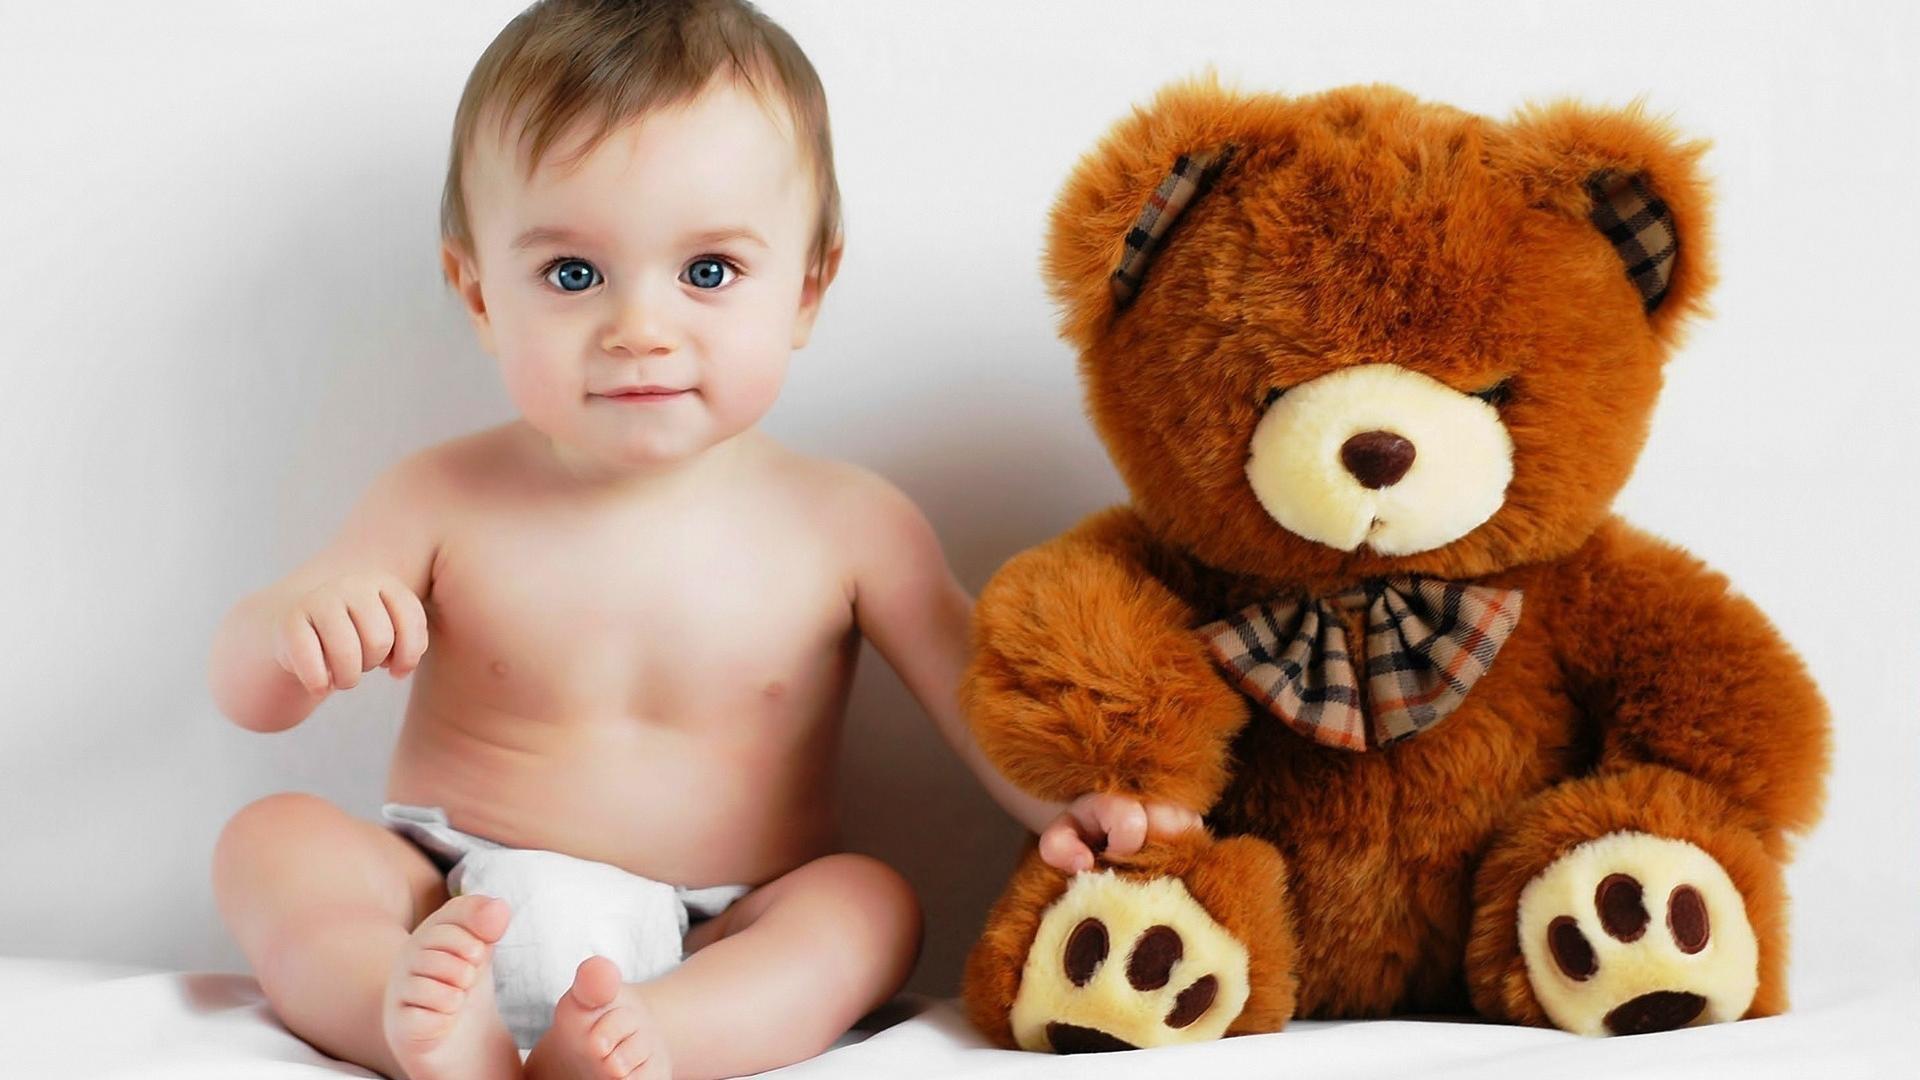 Res: 1920x1080, Cute Baby Boy With Teddy Bear